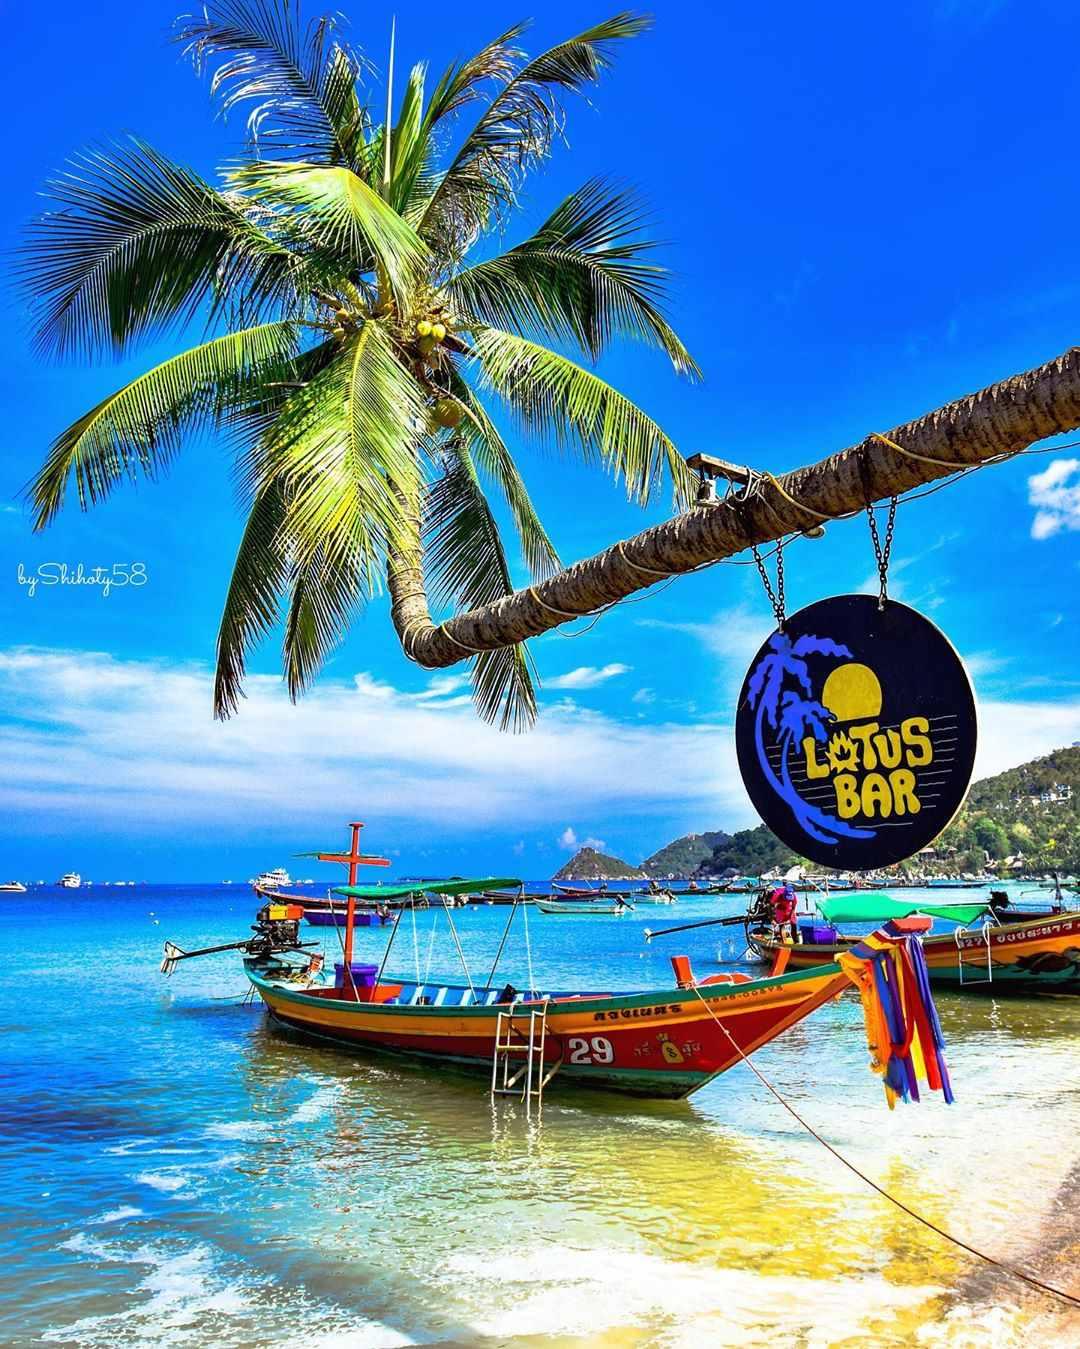 De palmboom van Lotus Bar op Sairee Beach, Koh Tao